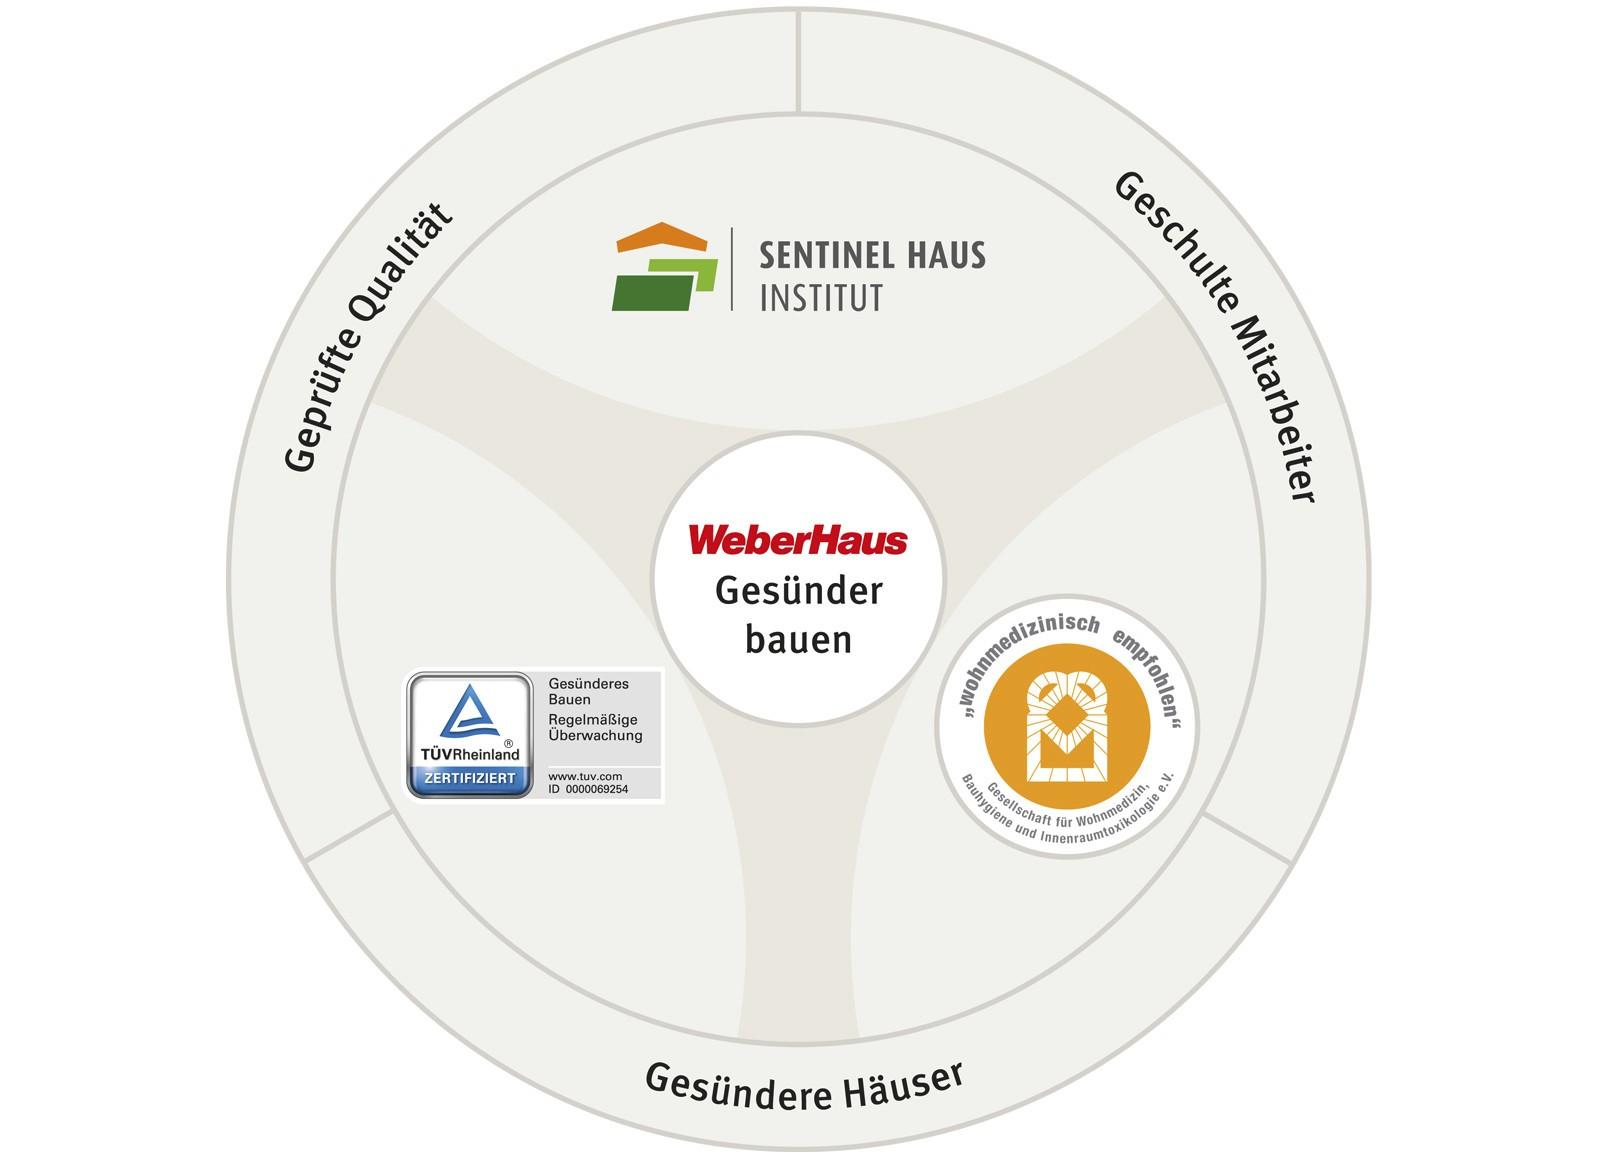 [Translate to Schweiz:] Gesünder Bauen - Zertifizierungen für Wohngesundheit bei WeberHaus